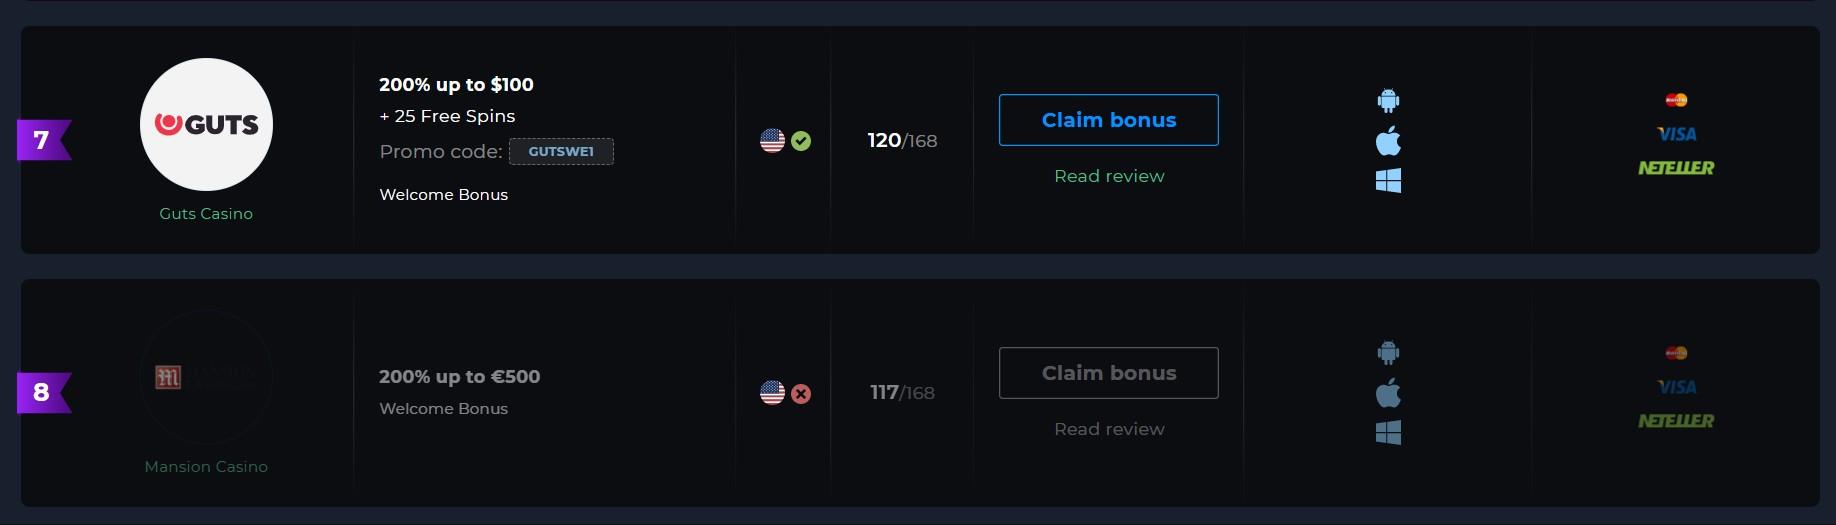 How to Claim 60 Dollars Bonus